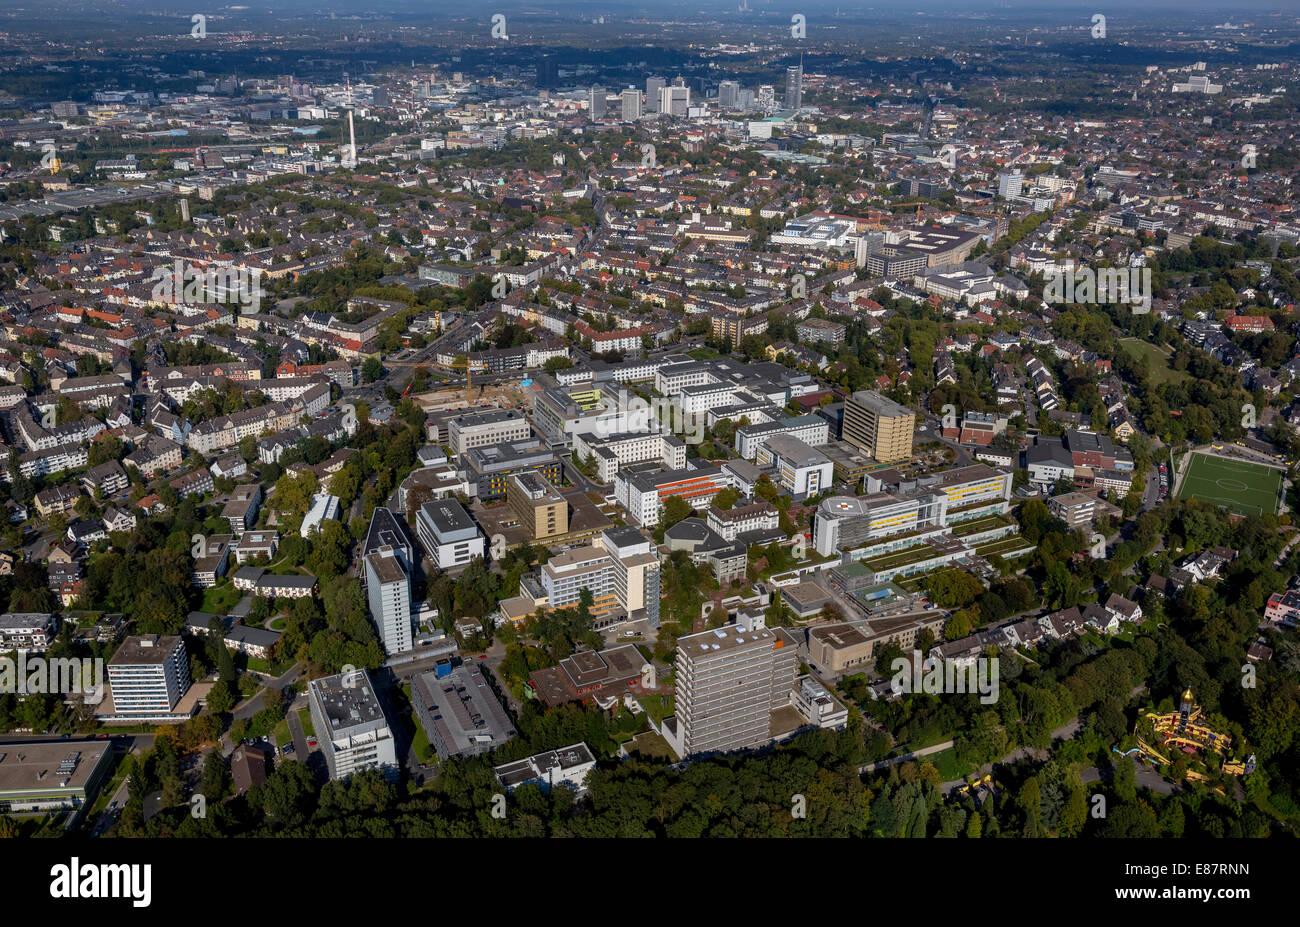 Luftaufnahme, Universitätsklinikum Essen, Essen, Ruhrgebiet, Nordrhein-Westfalen, Deutschland Stockbild